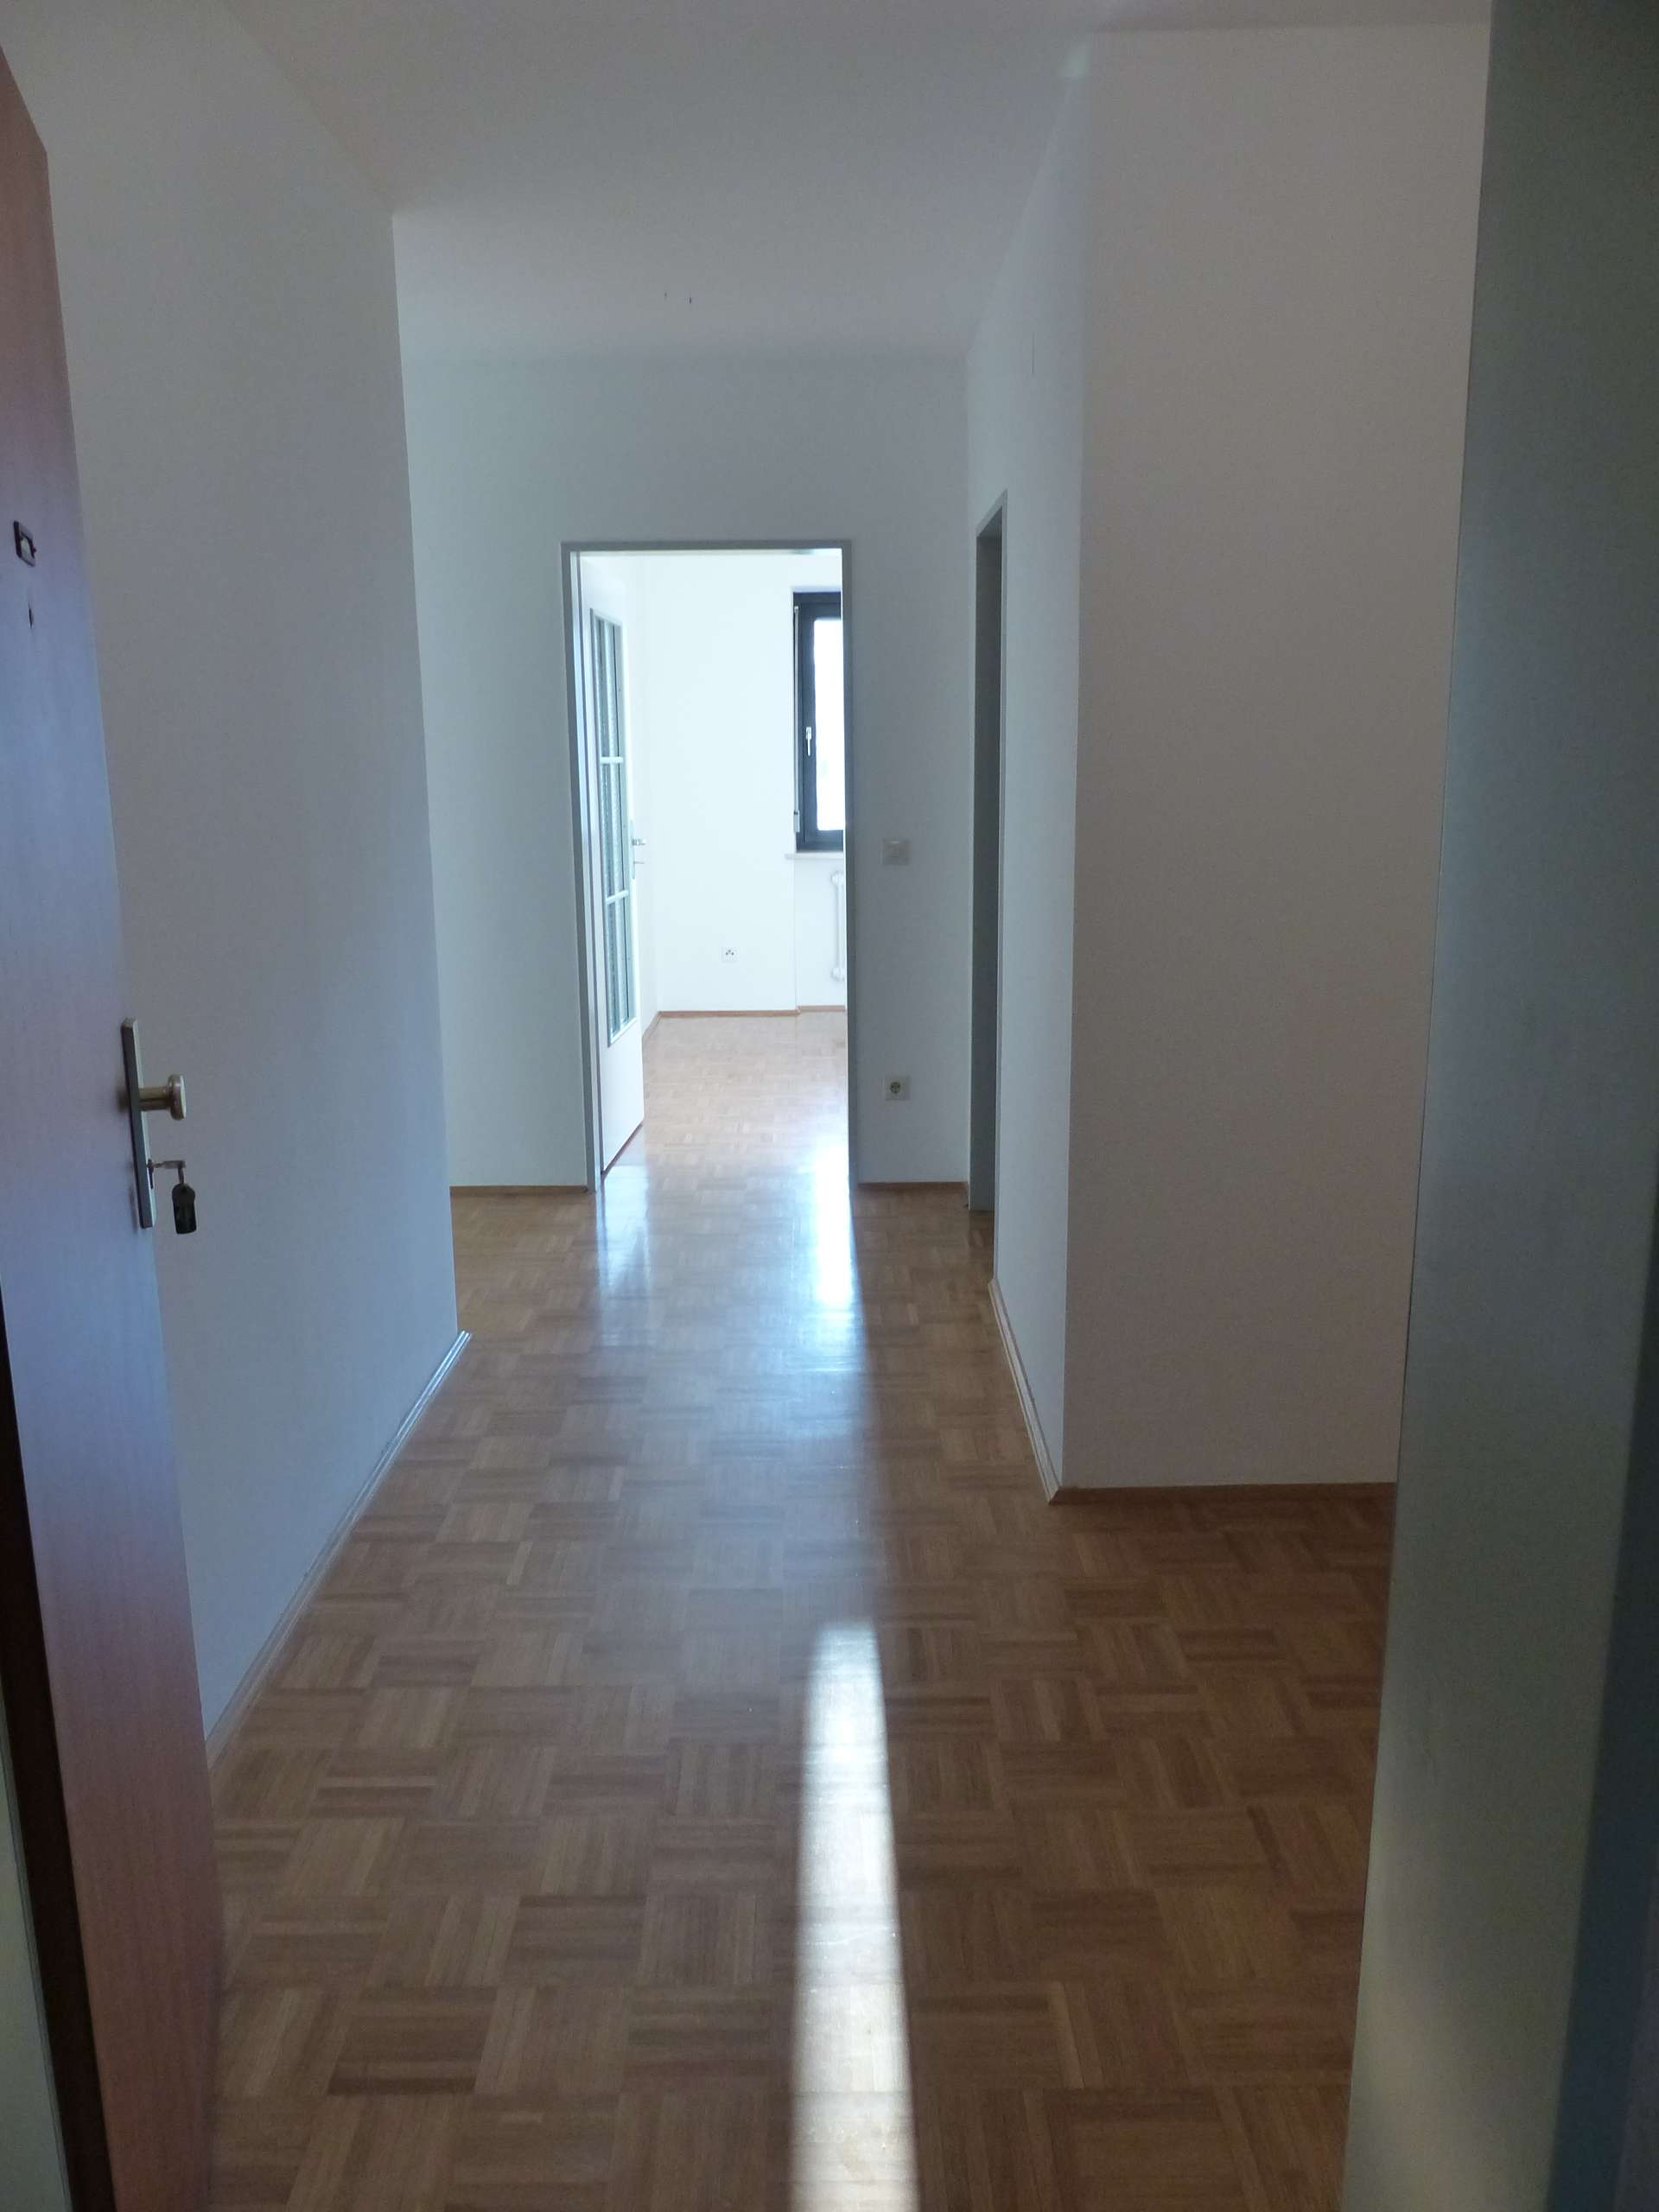 Sonnige 4-Zimmer Wohnung in Deggendorf, zentrumsnah in Deggendorf